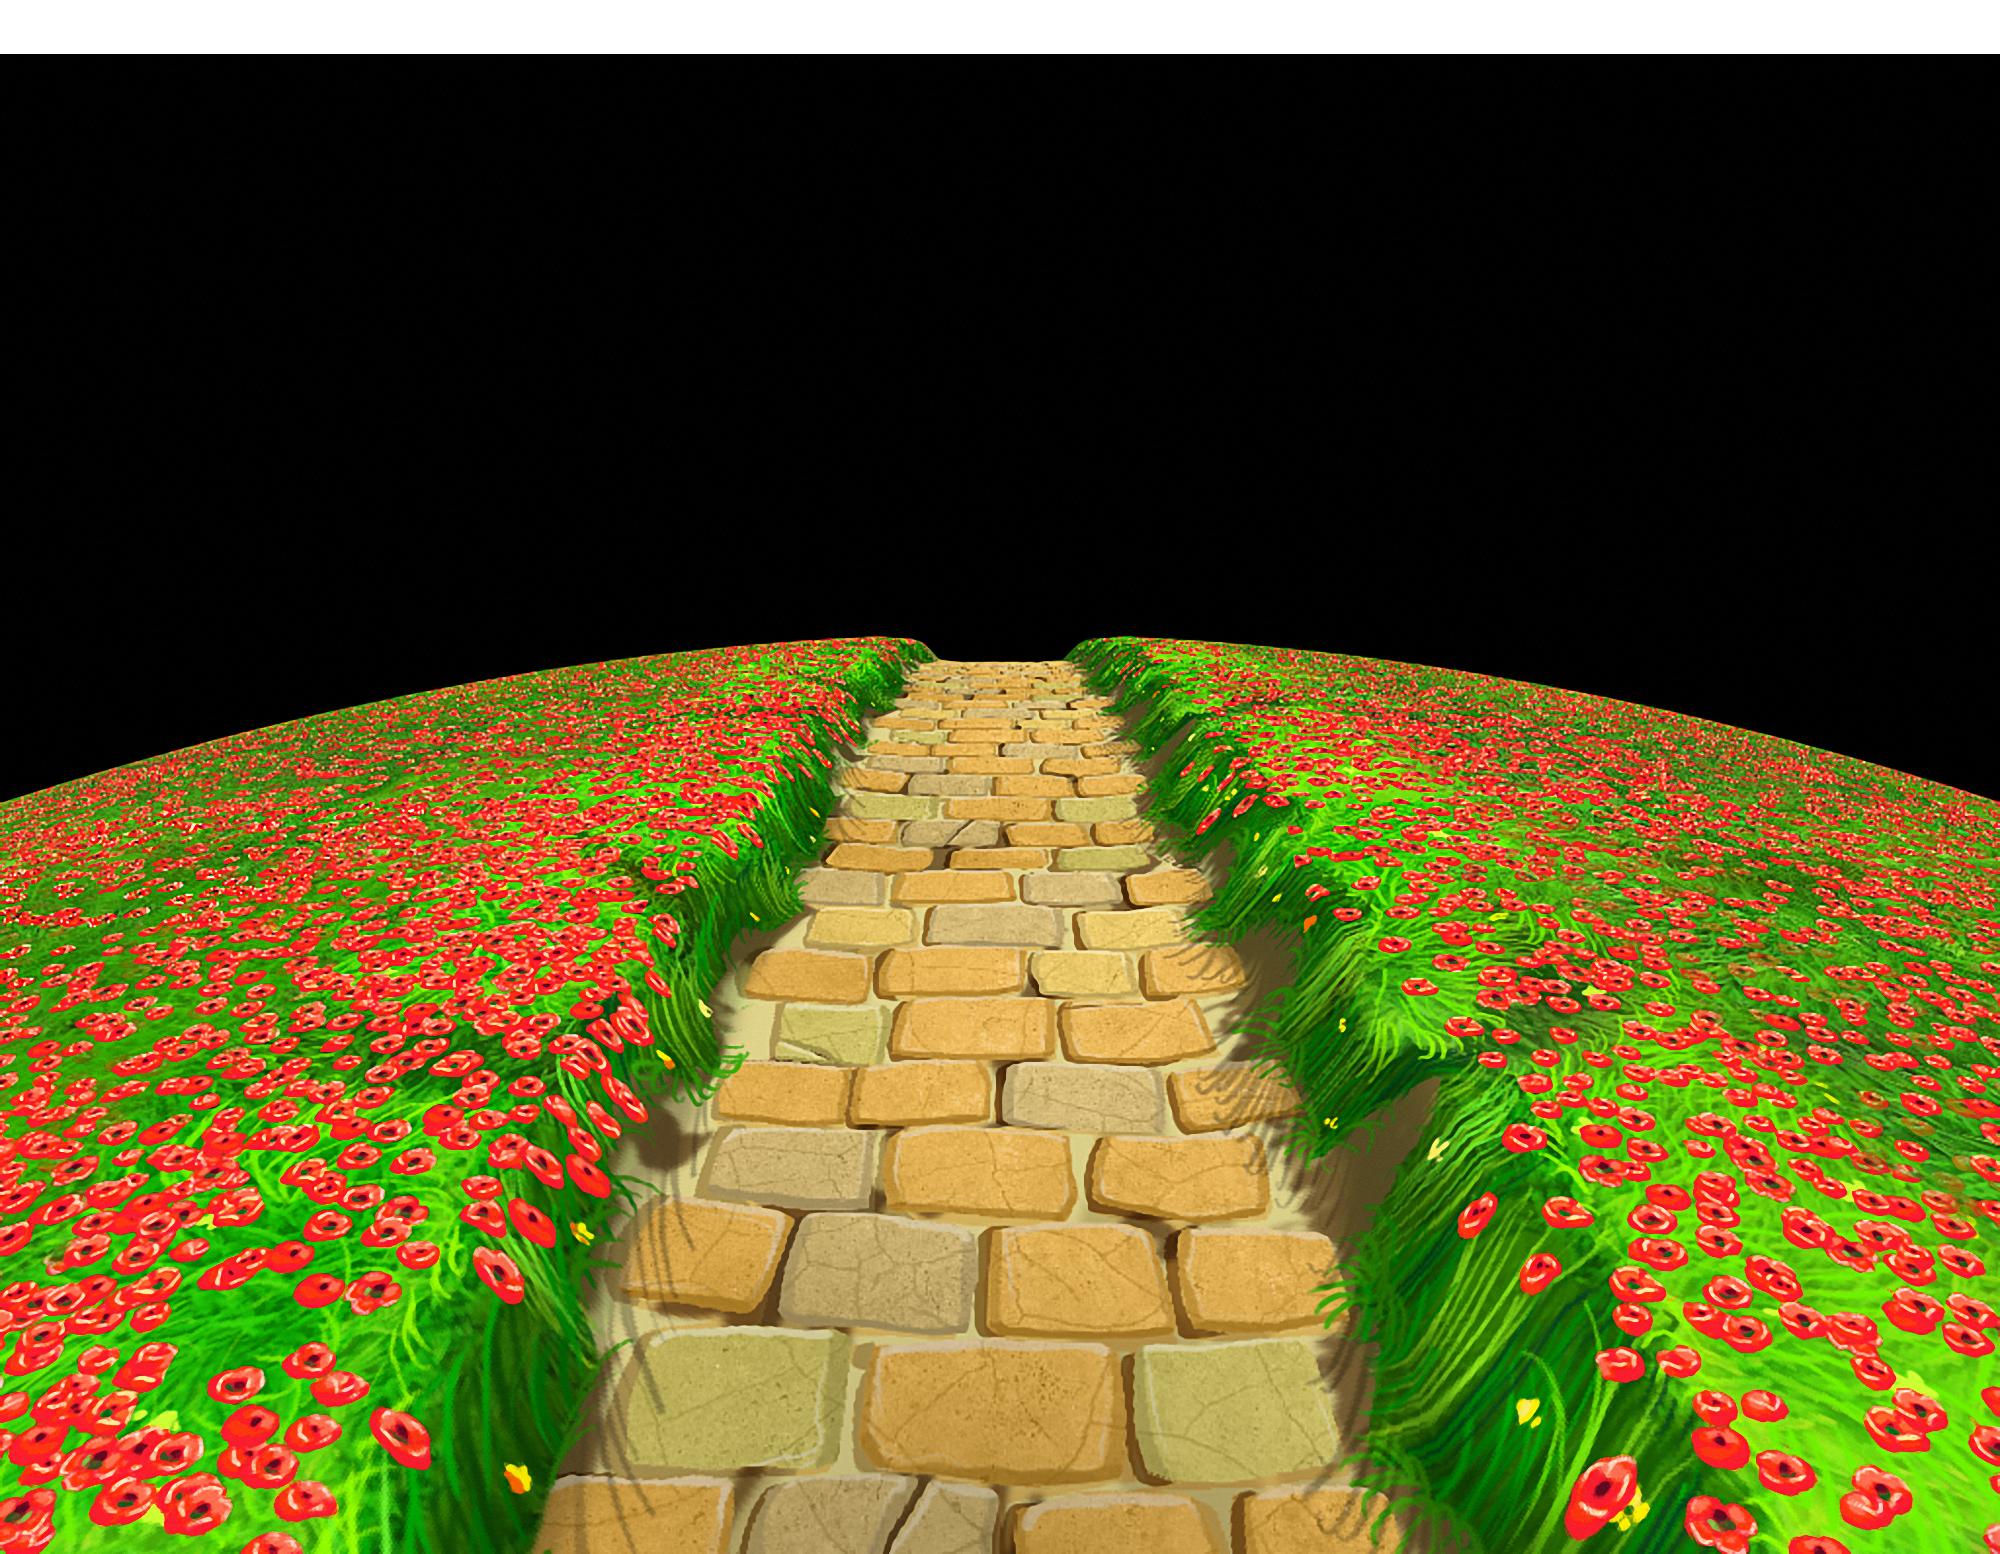 Serap adlı kullanıcının Yol/ Manzara/ Orman panosundaki